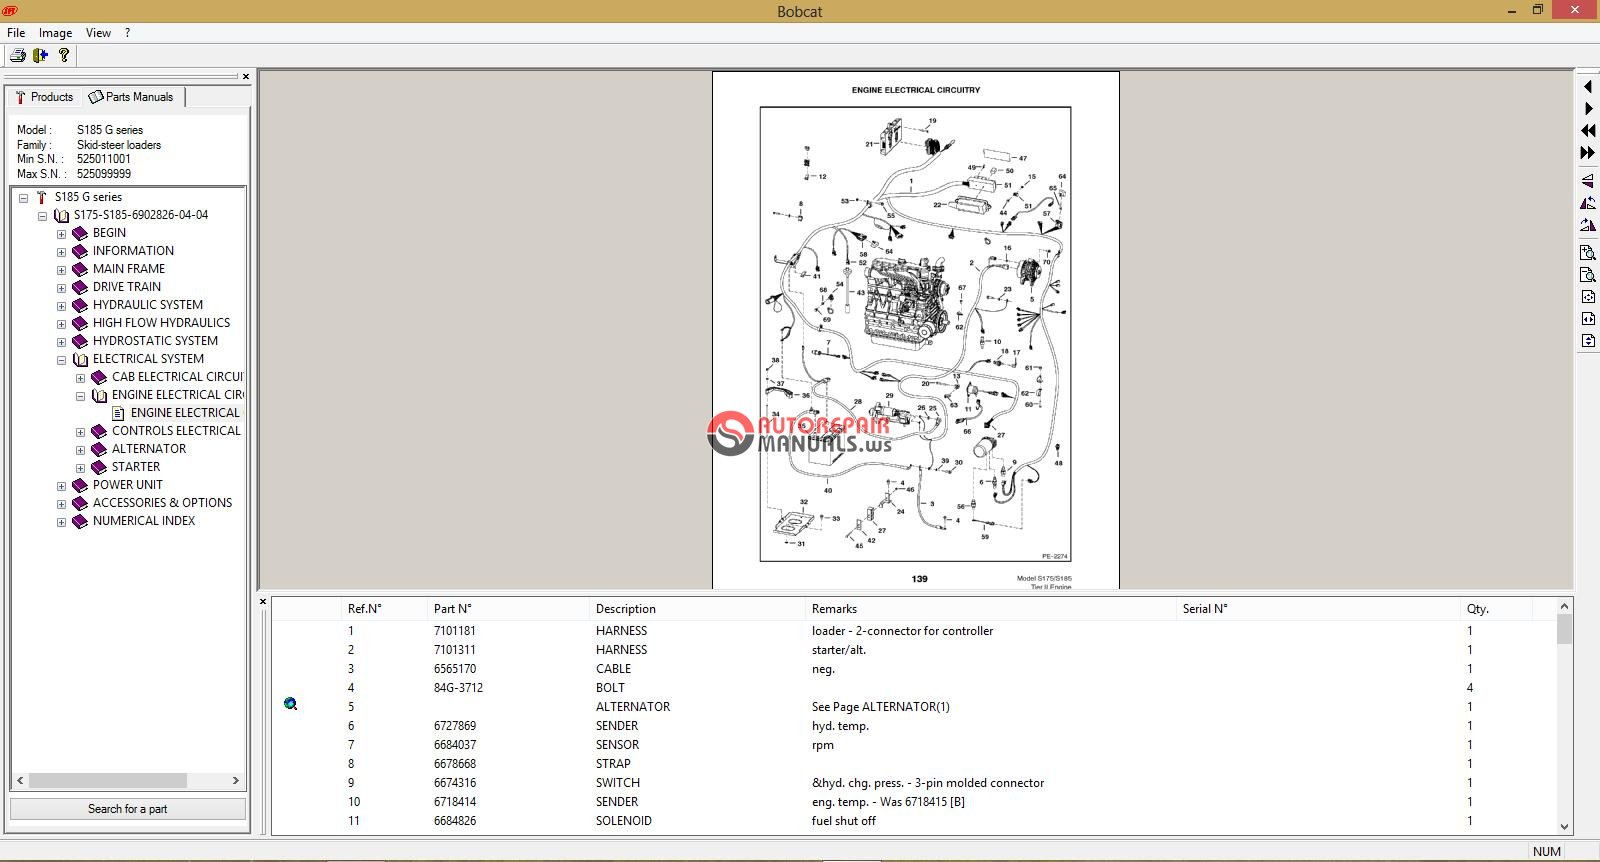 bobcat 08 2004 parts manuals